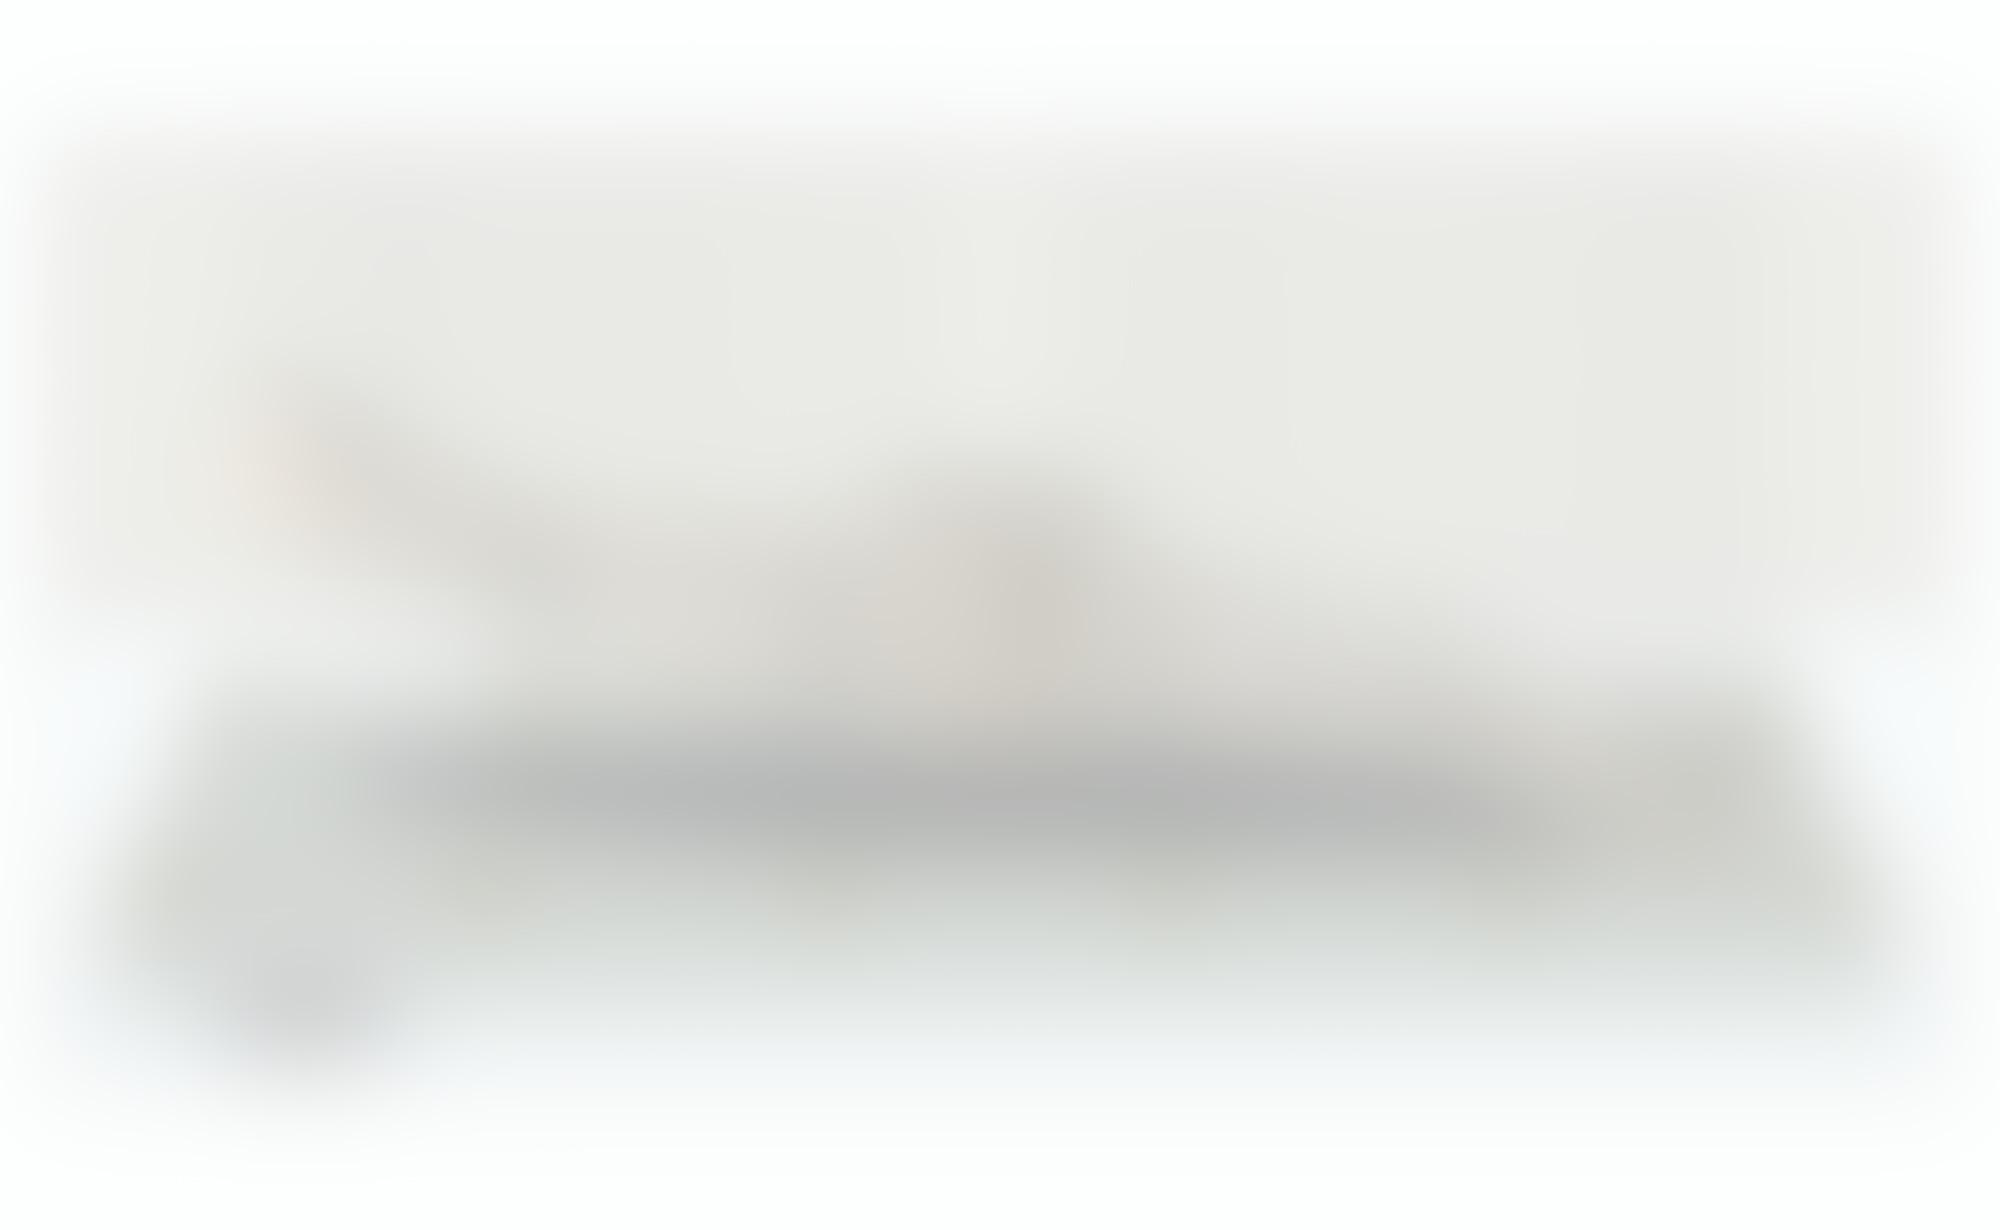 PP Illus2 autocompressfitresizeixlibphp 1 1 0max h2000max w3 D2000q80s2cde8f3204edd21d914f03bbd655d9be